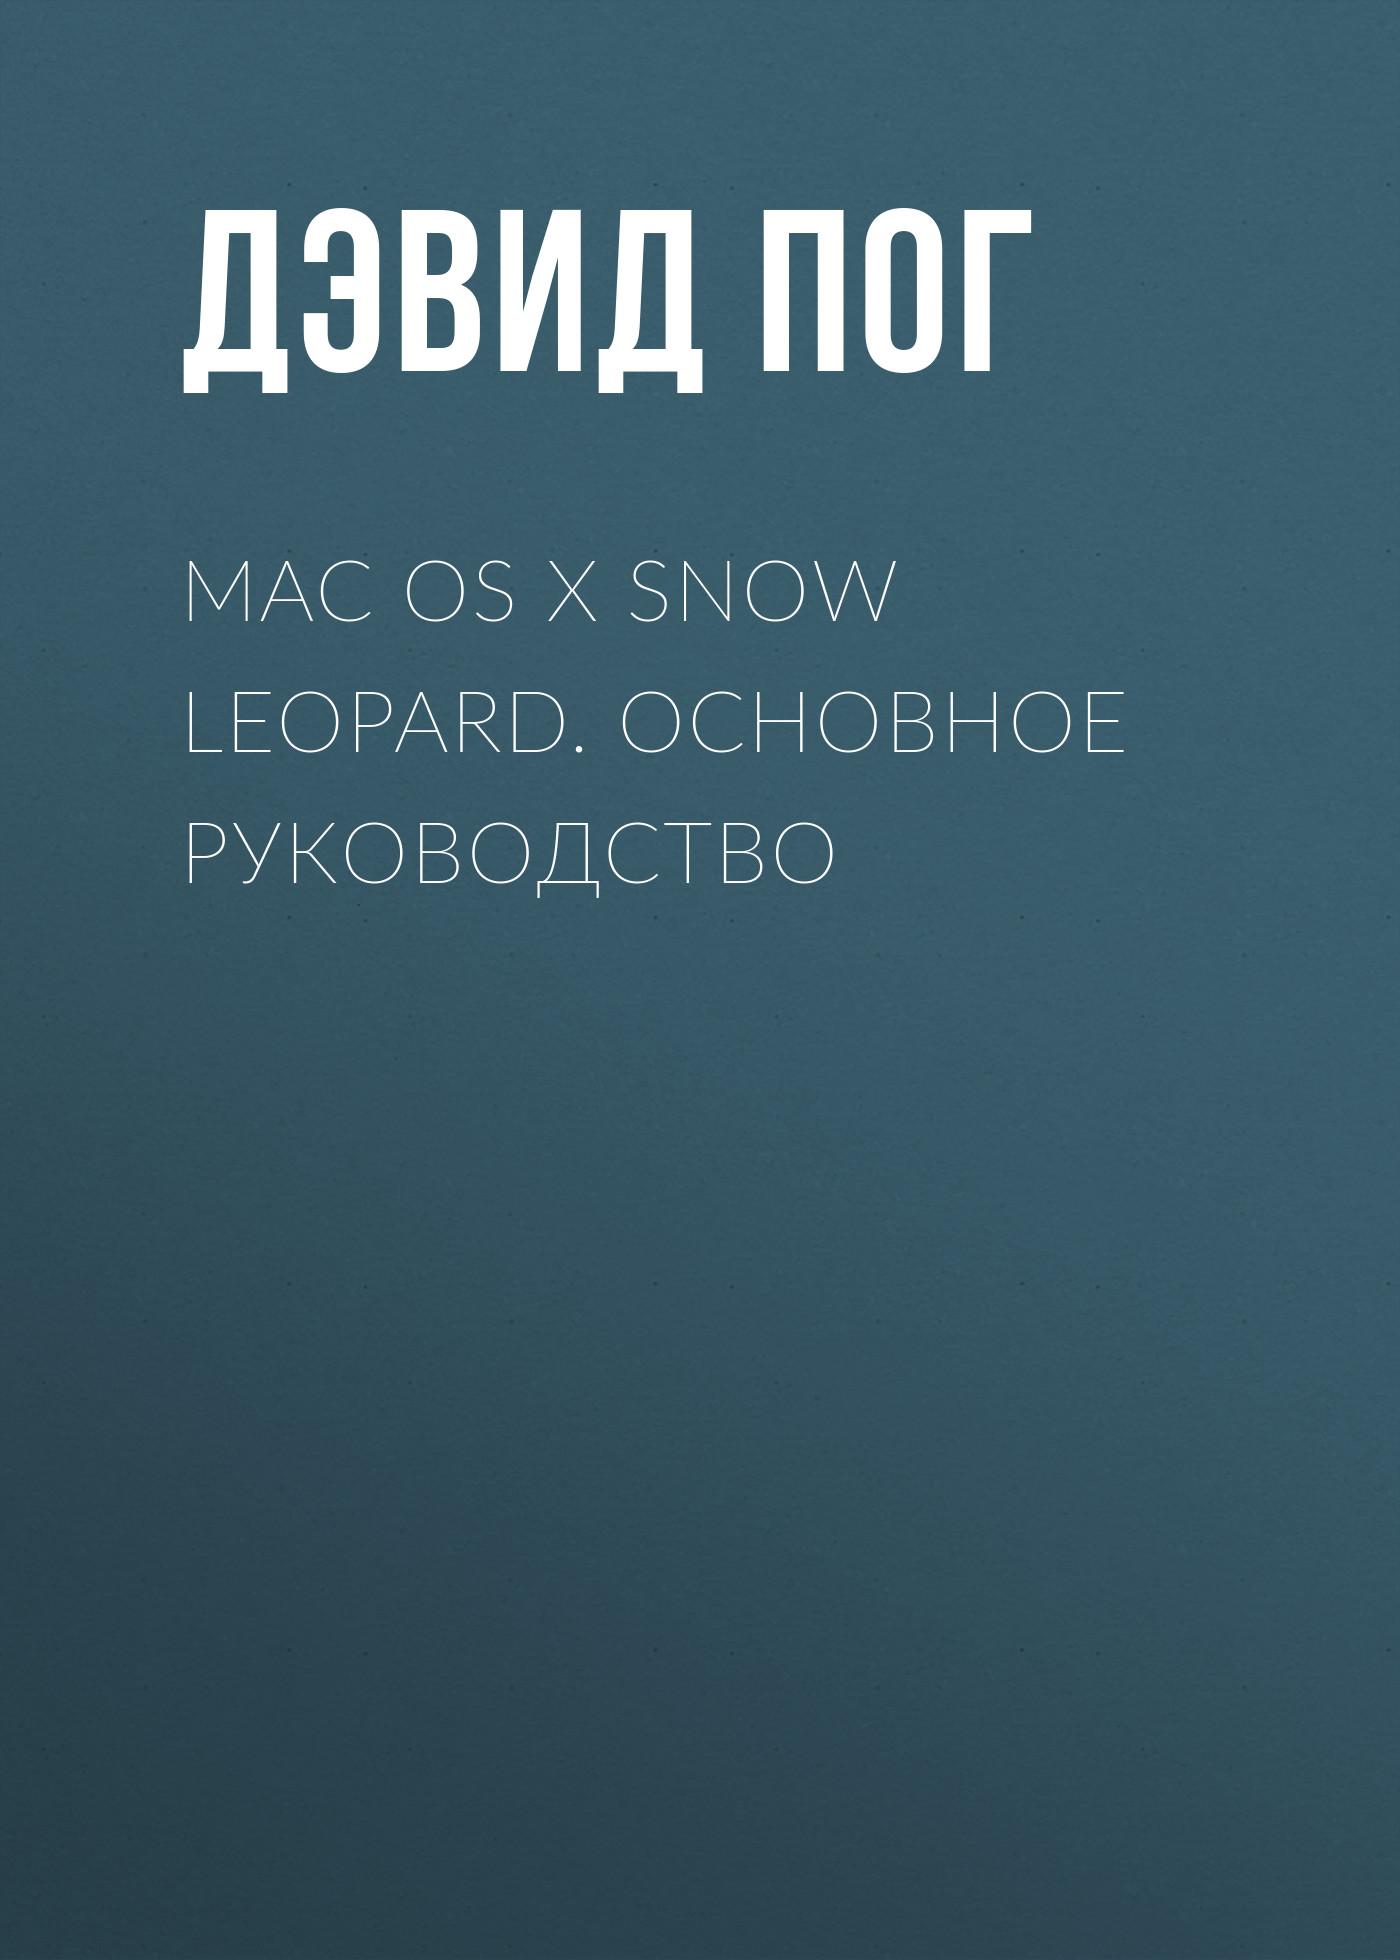 Фото - Дэвид Пог Mac OS X Snow Leopard. Основное руководство snow leopard